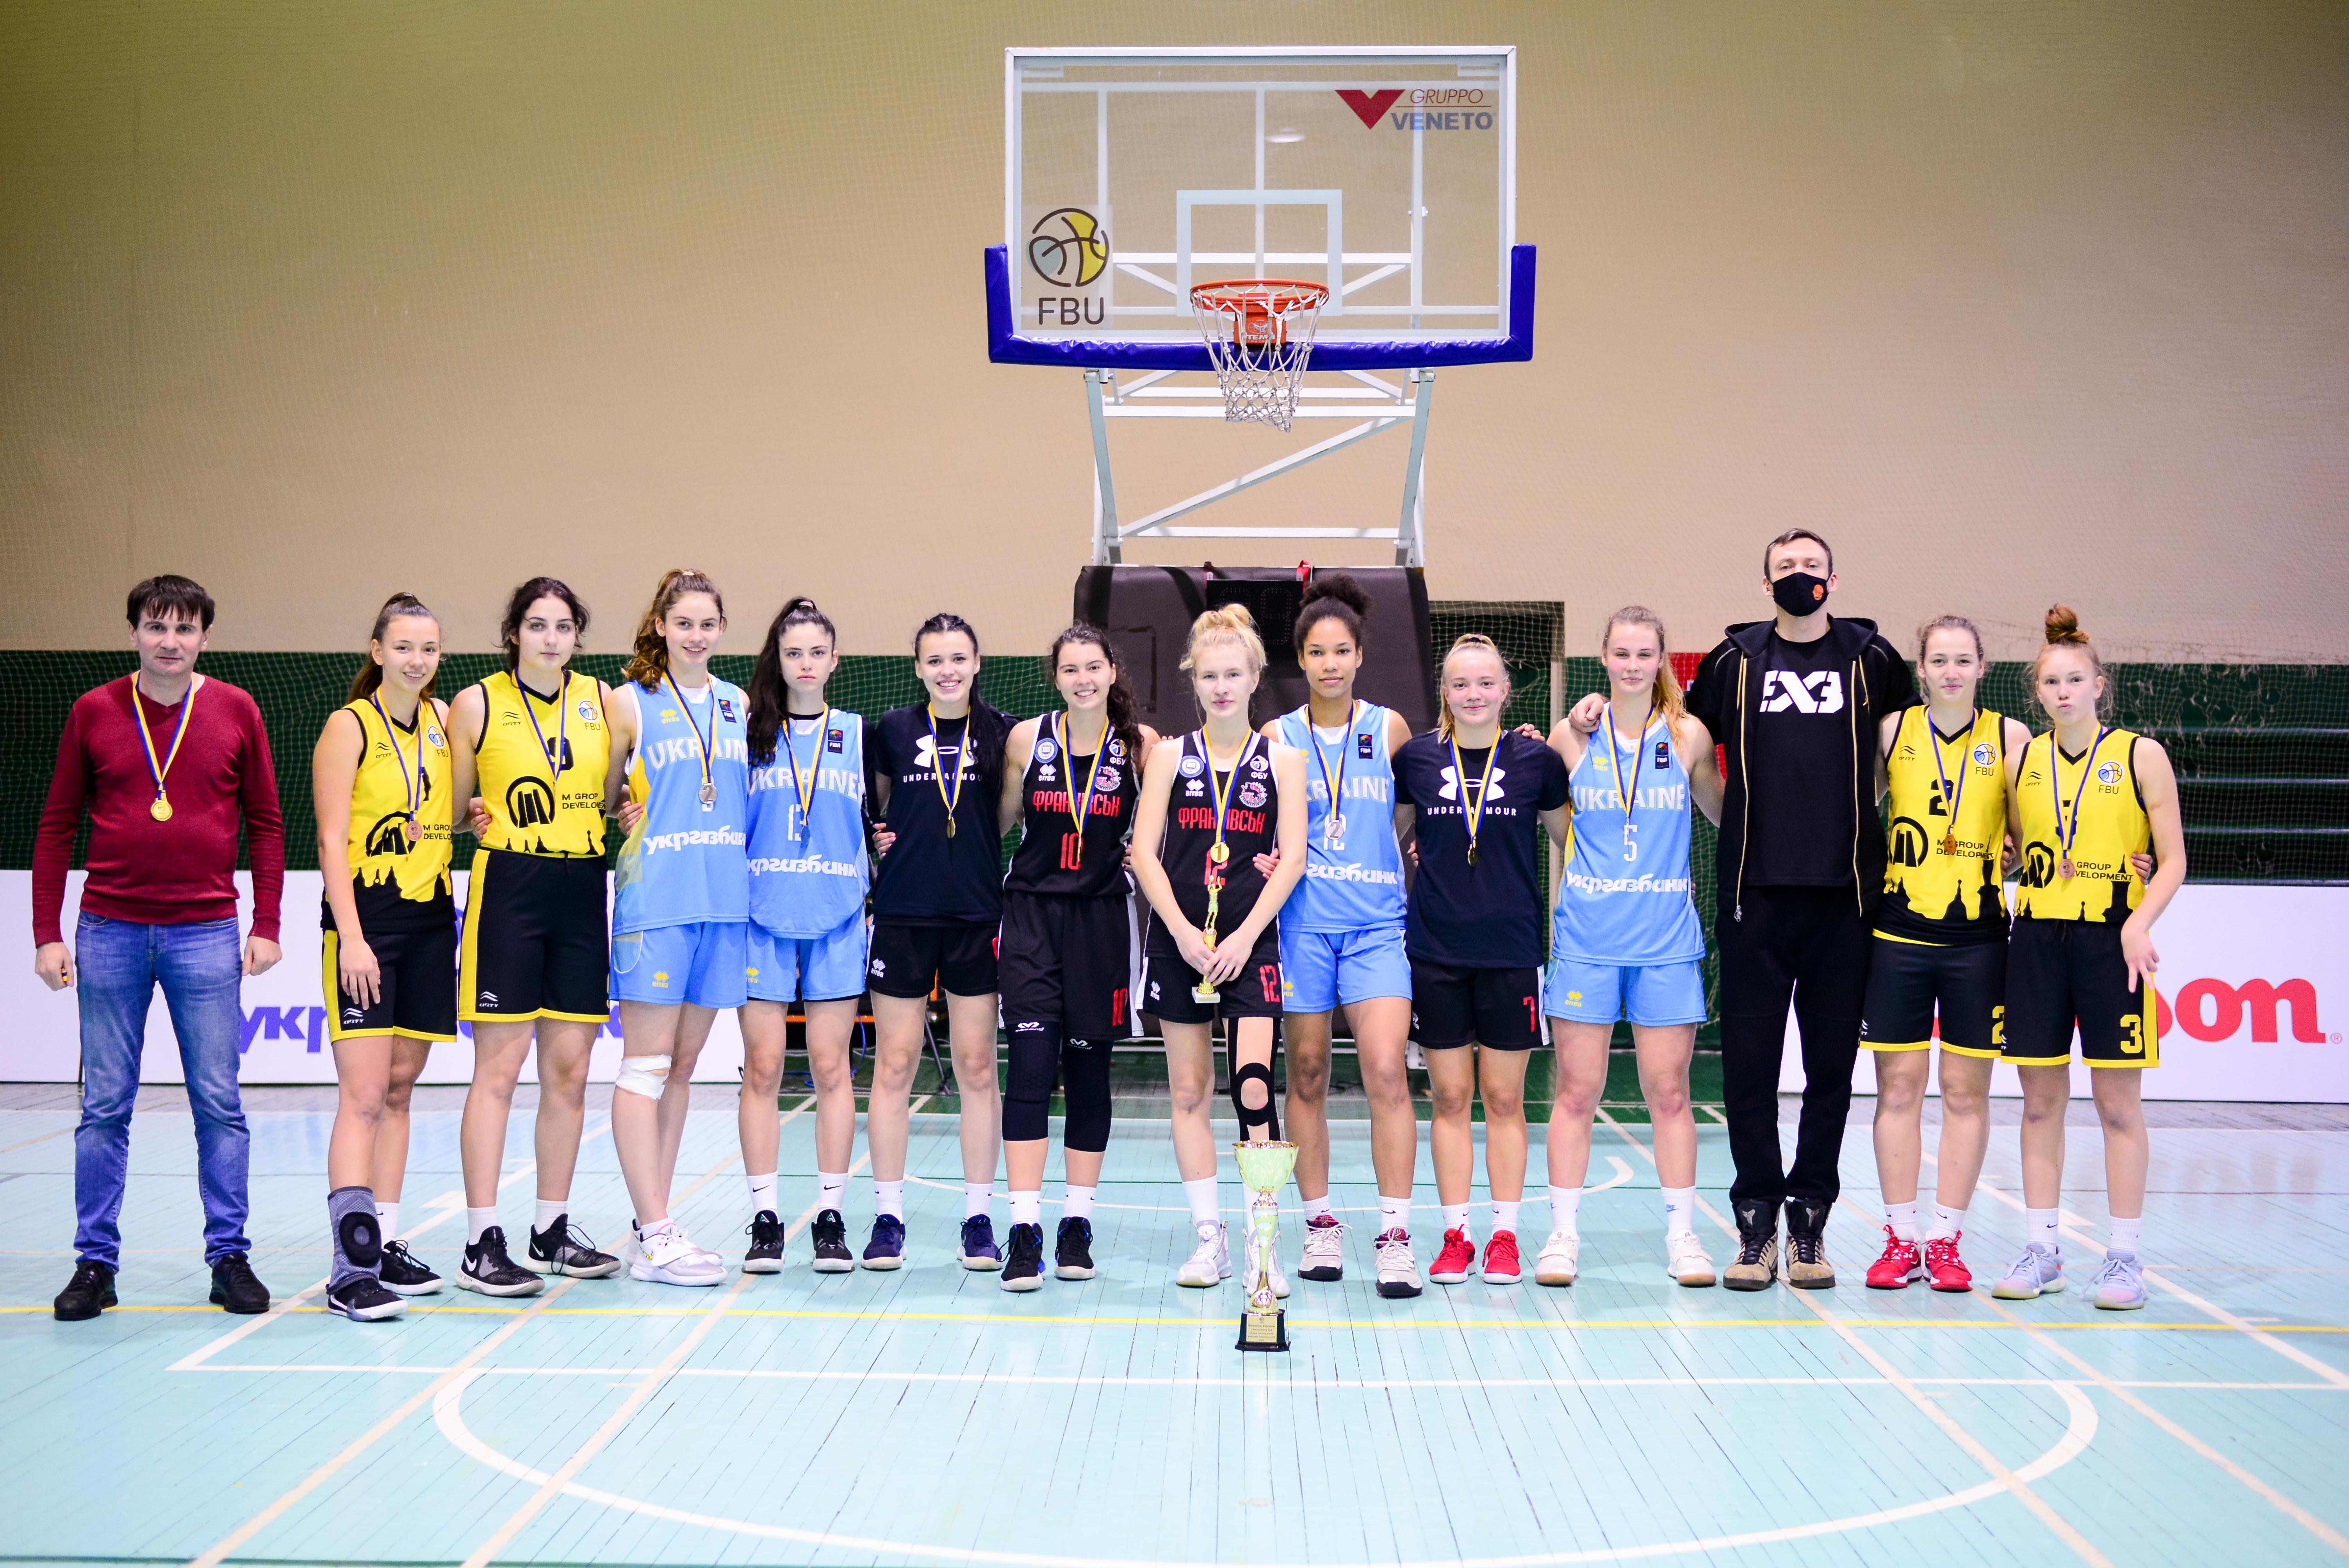 Кубок України з баскетболу 3x3 серед молодіжних команд: результати матчів 15 листопада